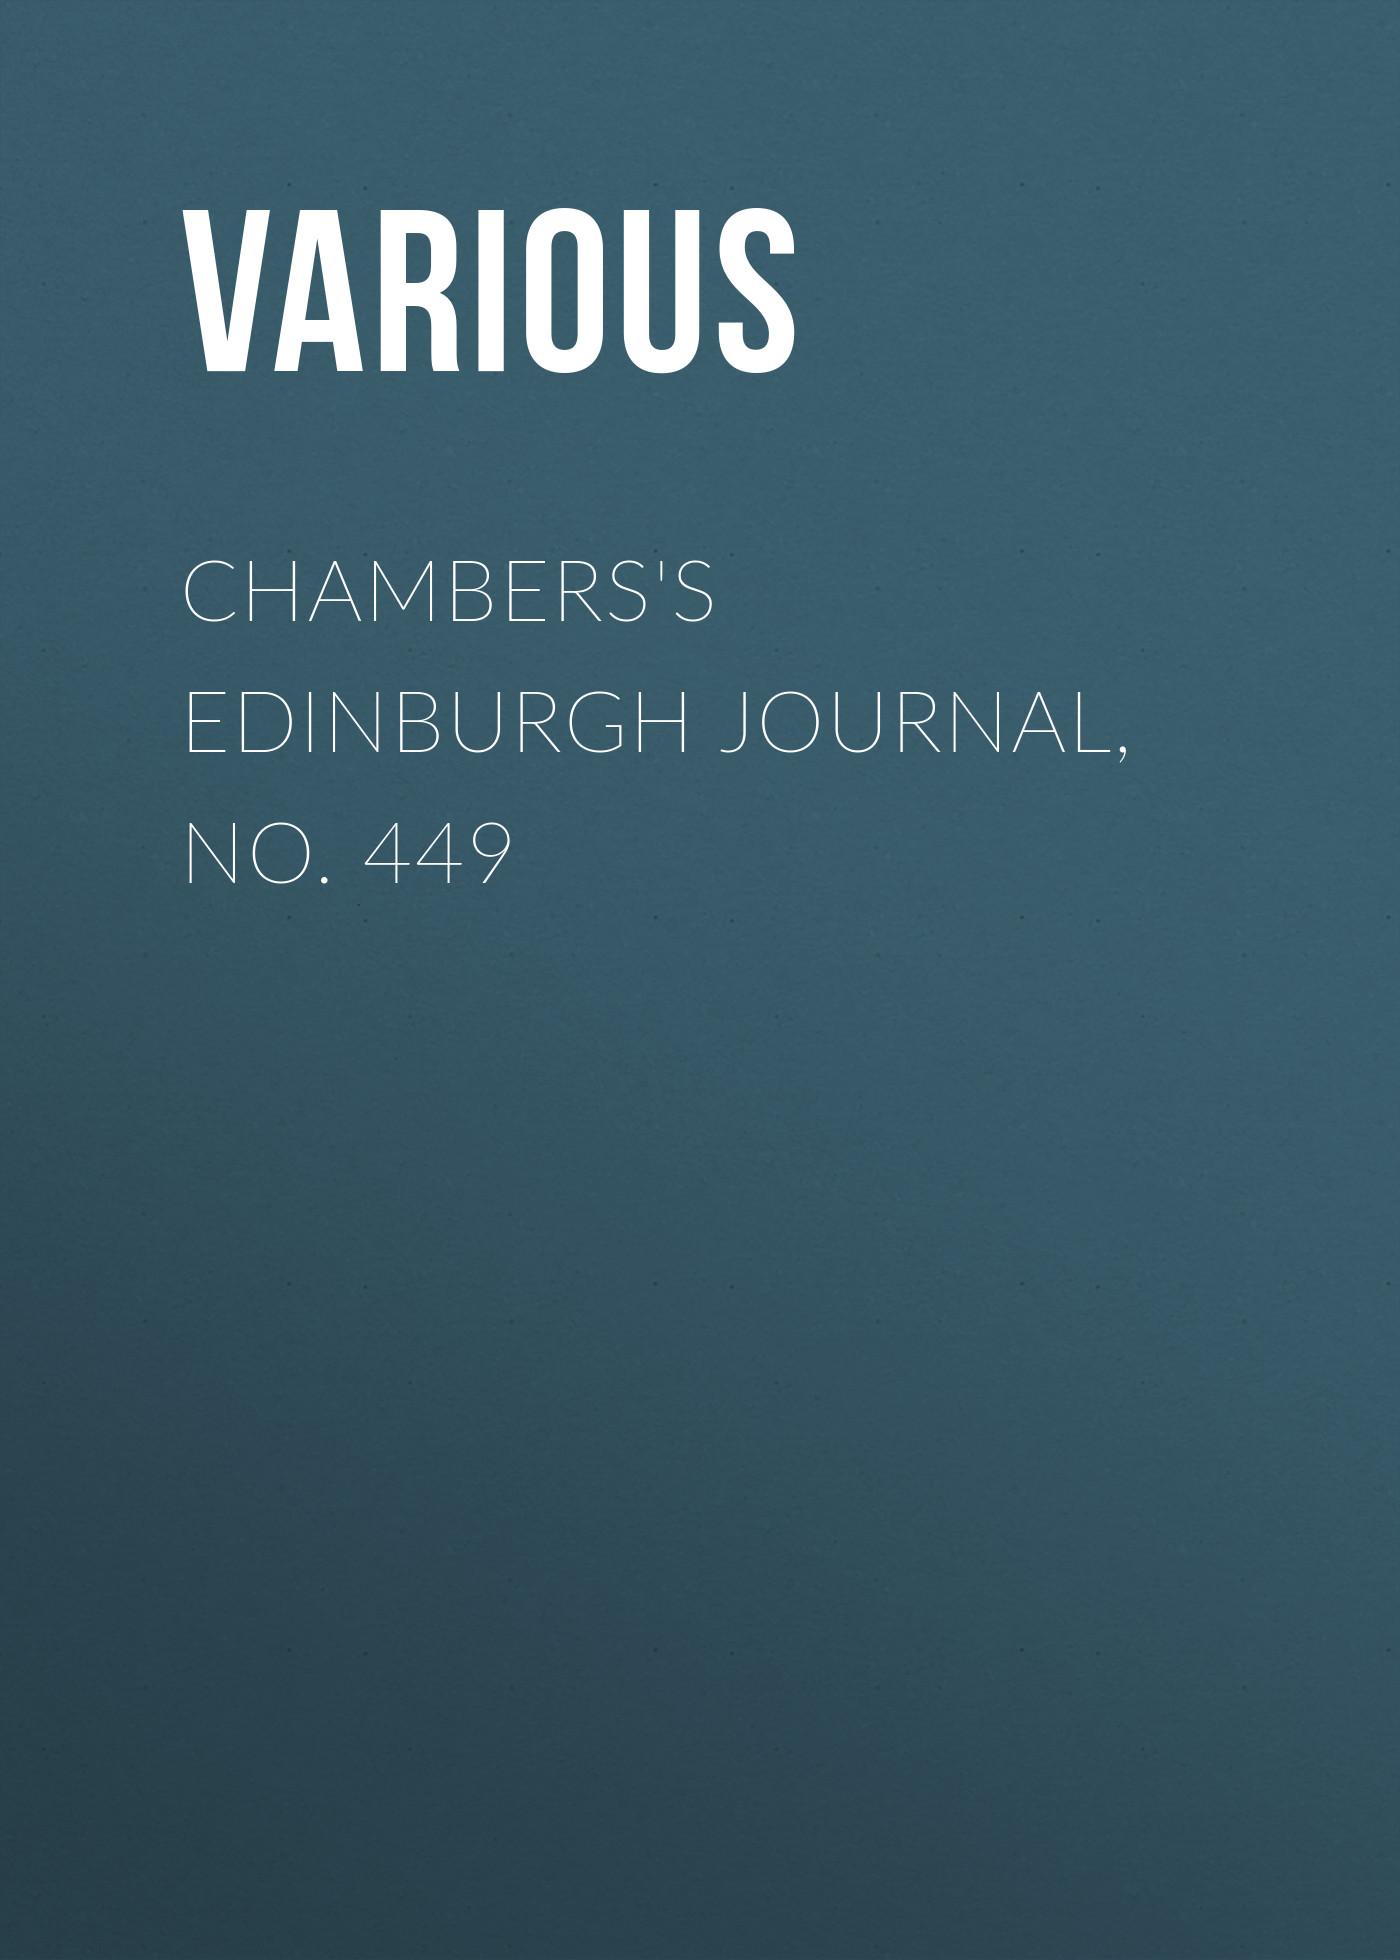 Chambers\'s Edinburgh Journal, No. 449 ( Various  )